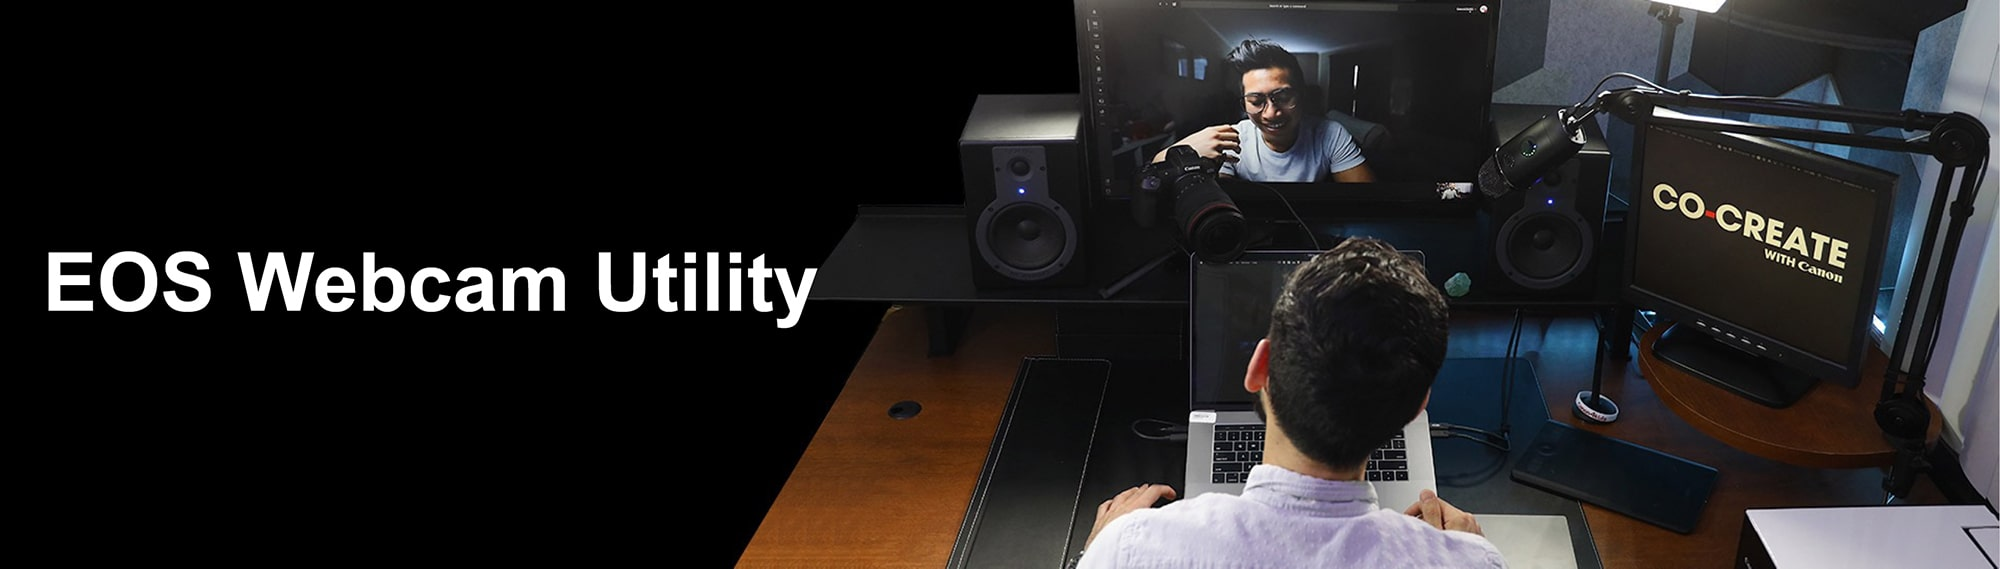 Utility beta webcam eos